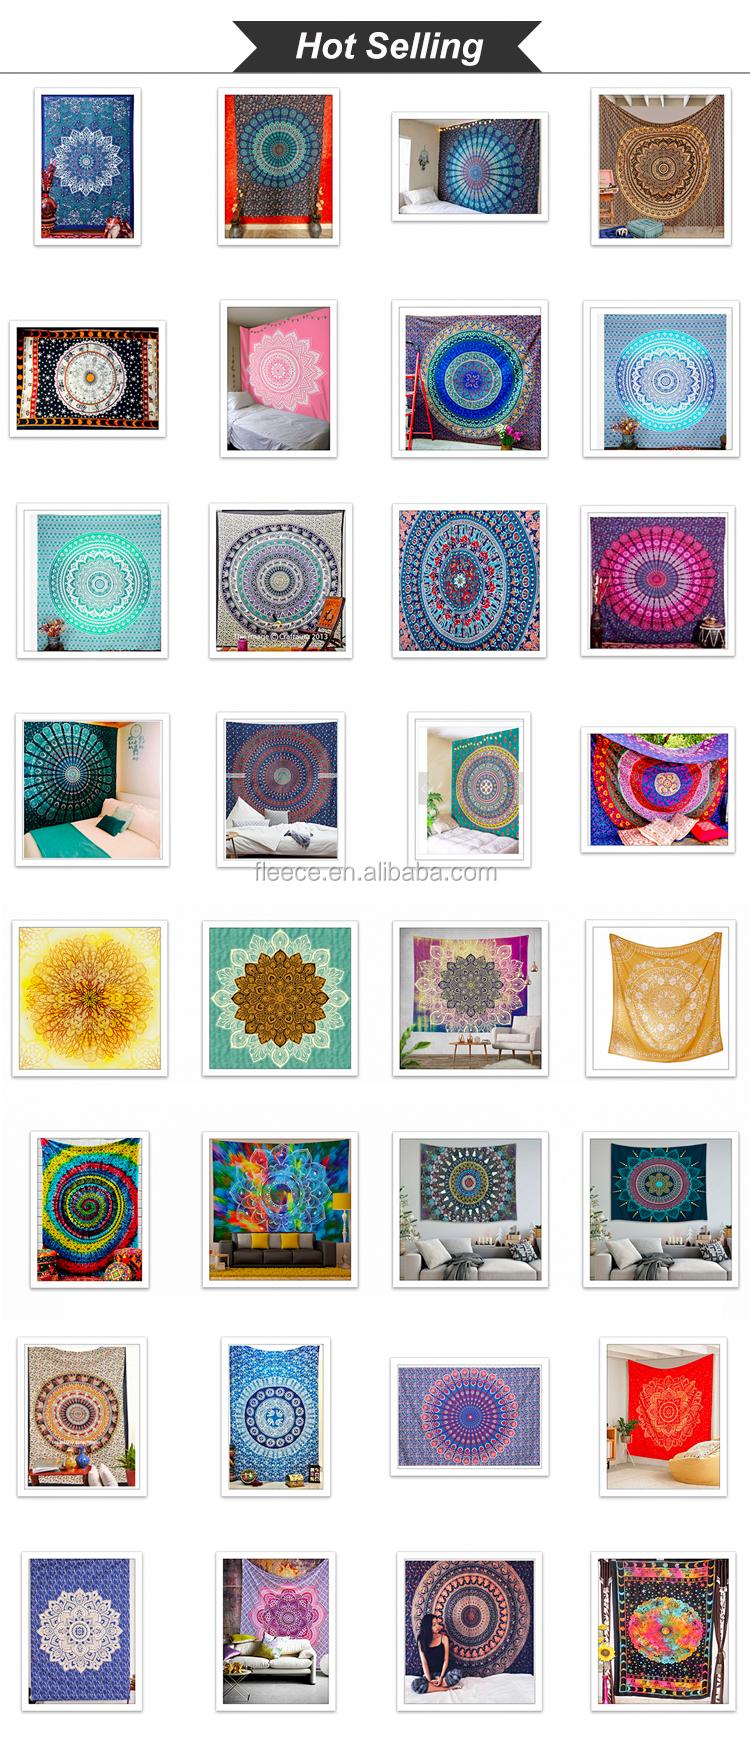 Atacado Custom Made Imprimir Mandala Tapeçaria de Parede